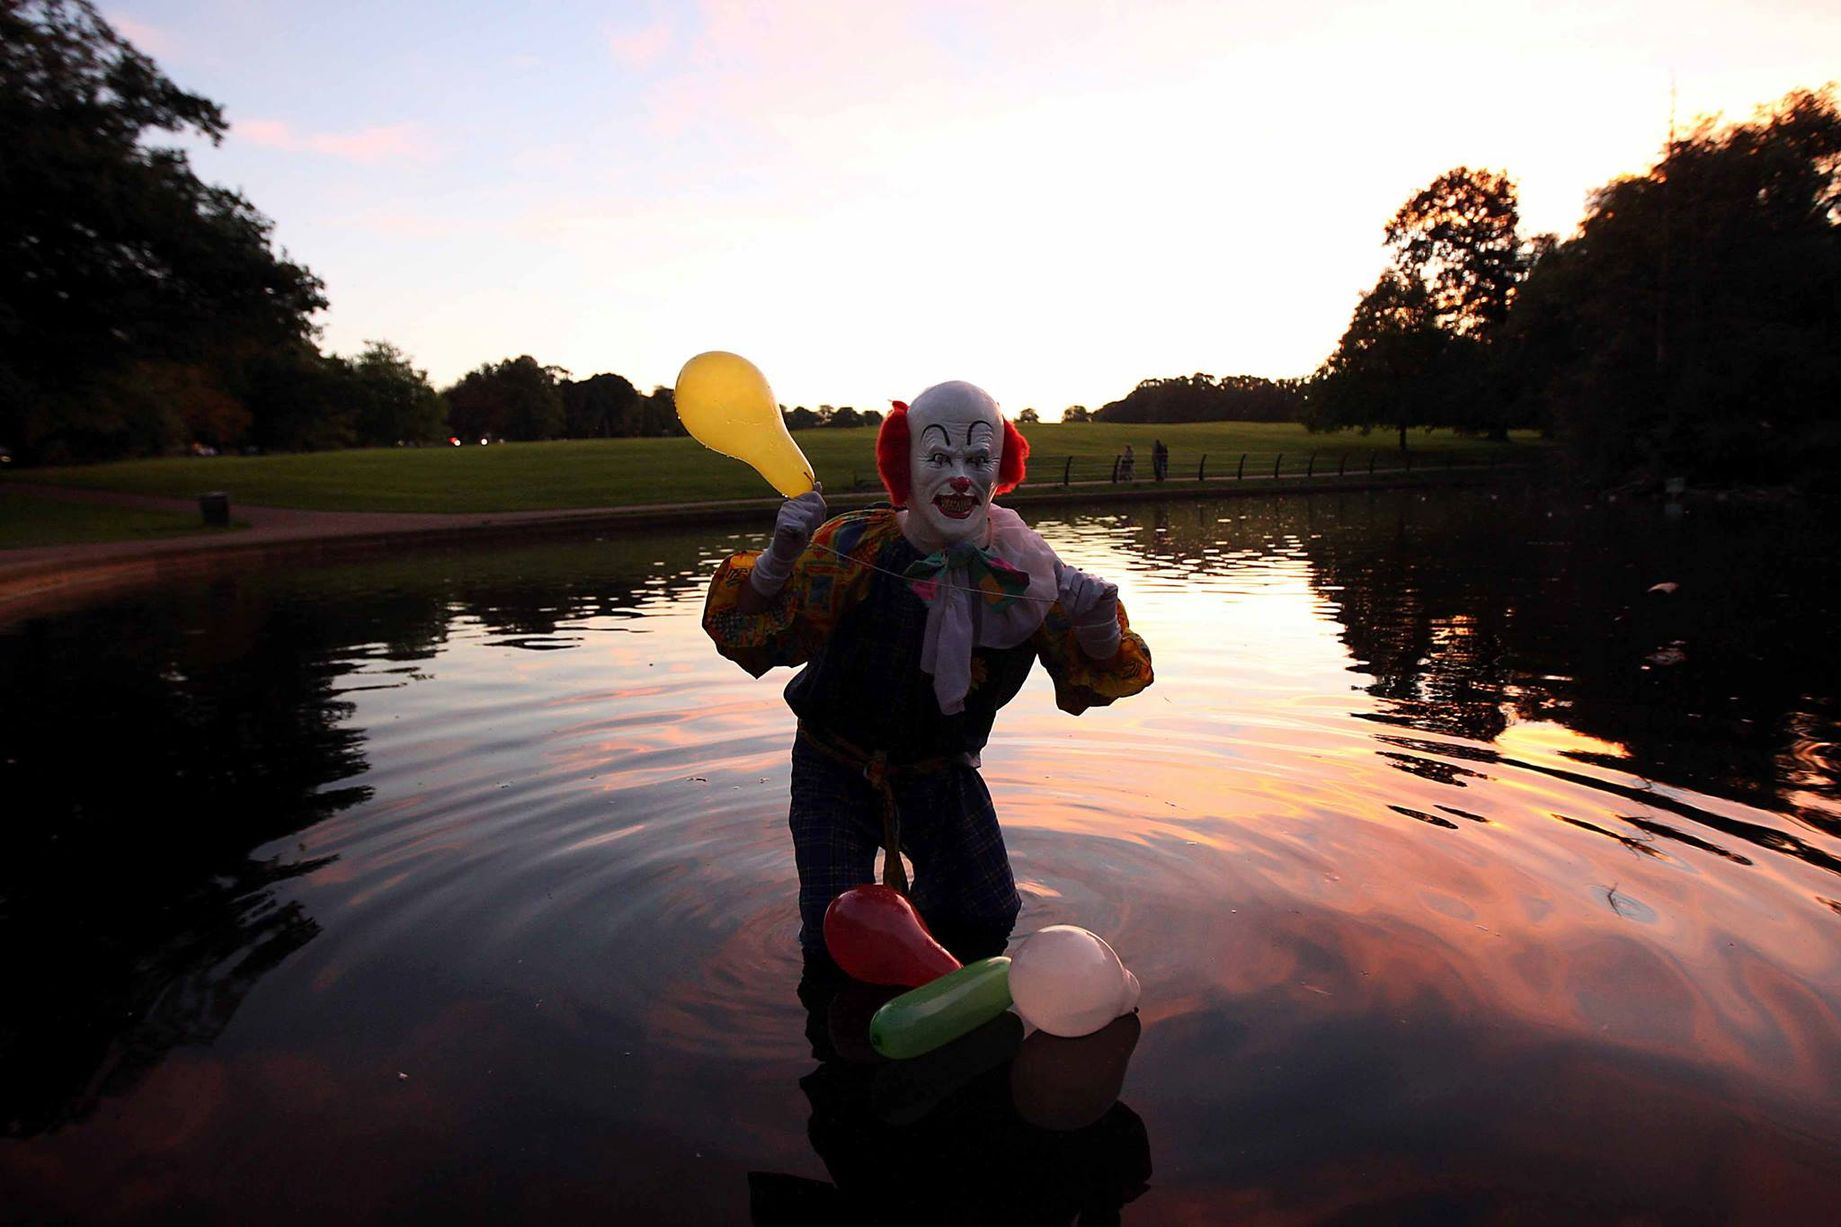 боязнь клоунов коулрофобия клоун-убийца оно кинг страх перед клоунами клоуны отвратительные мужики disgusting men